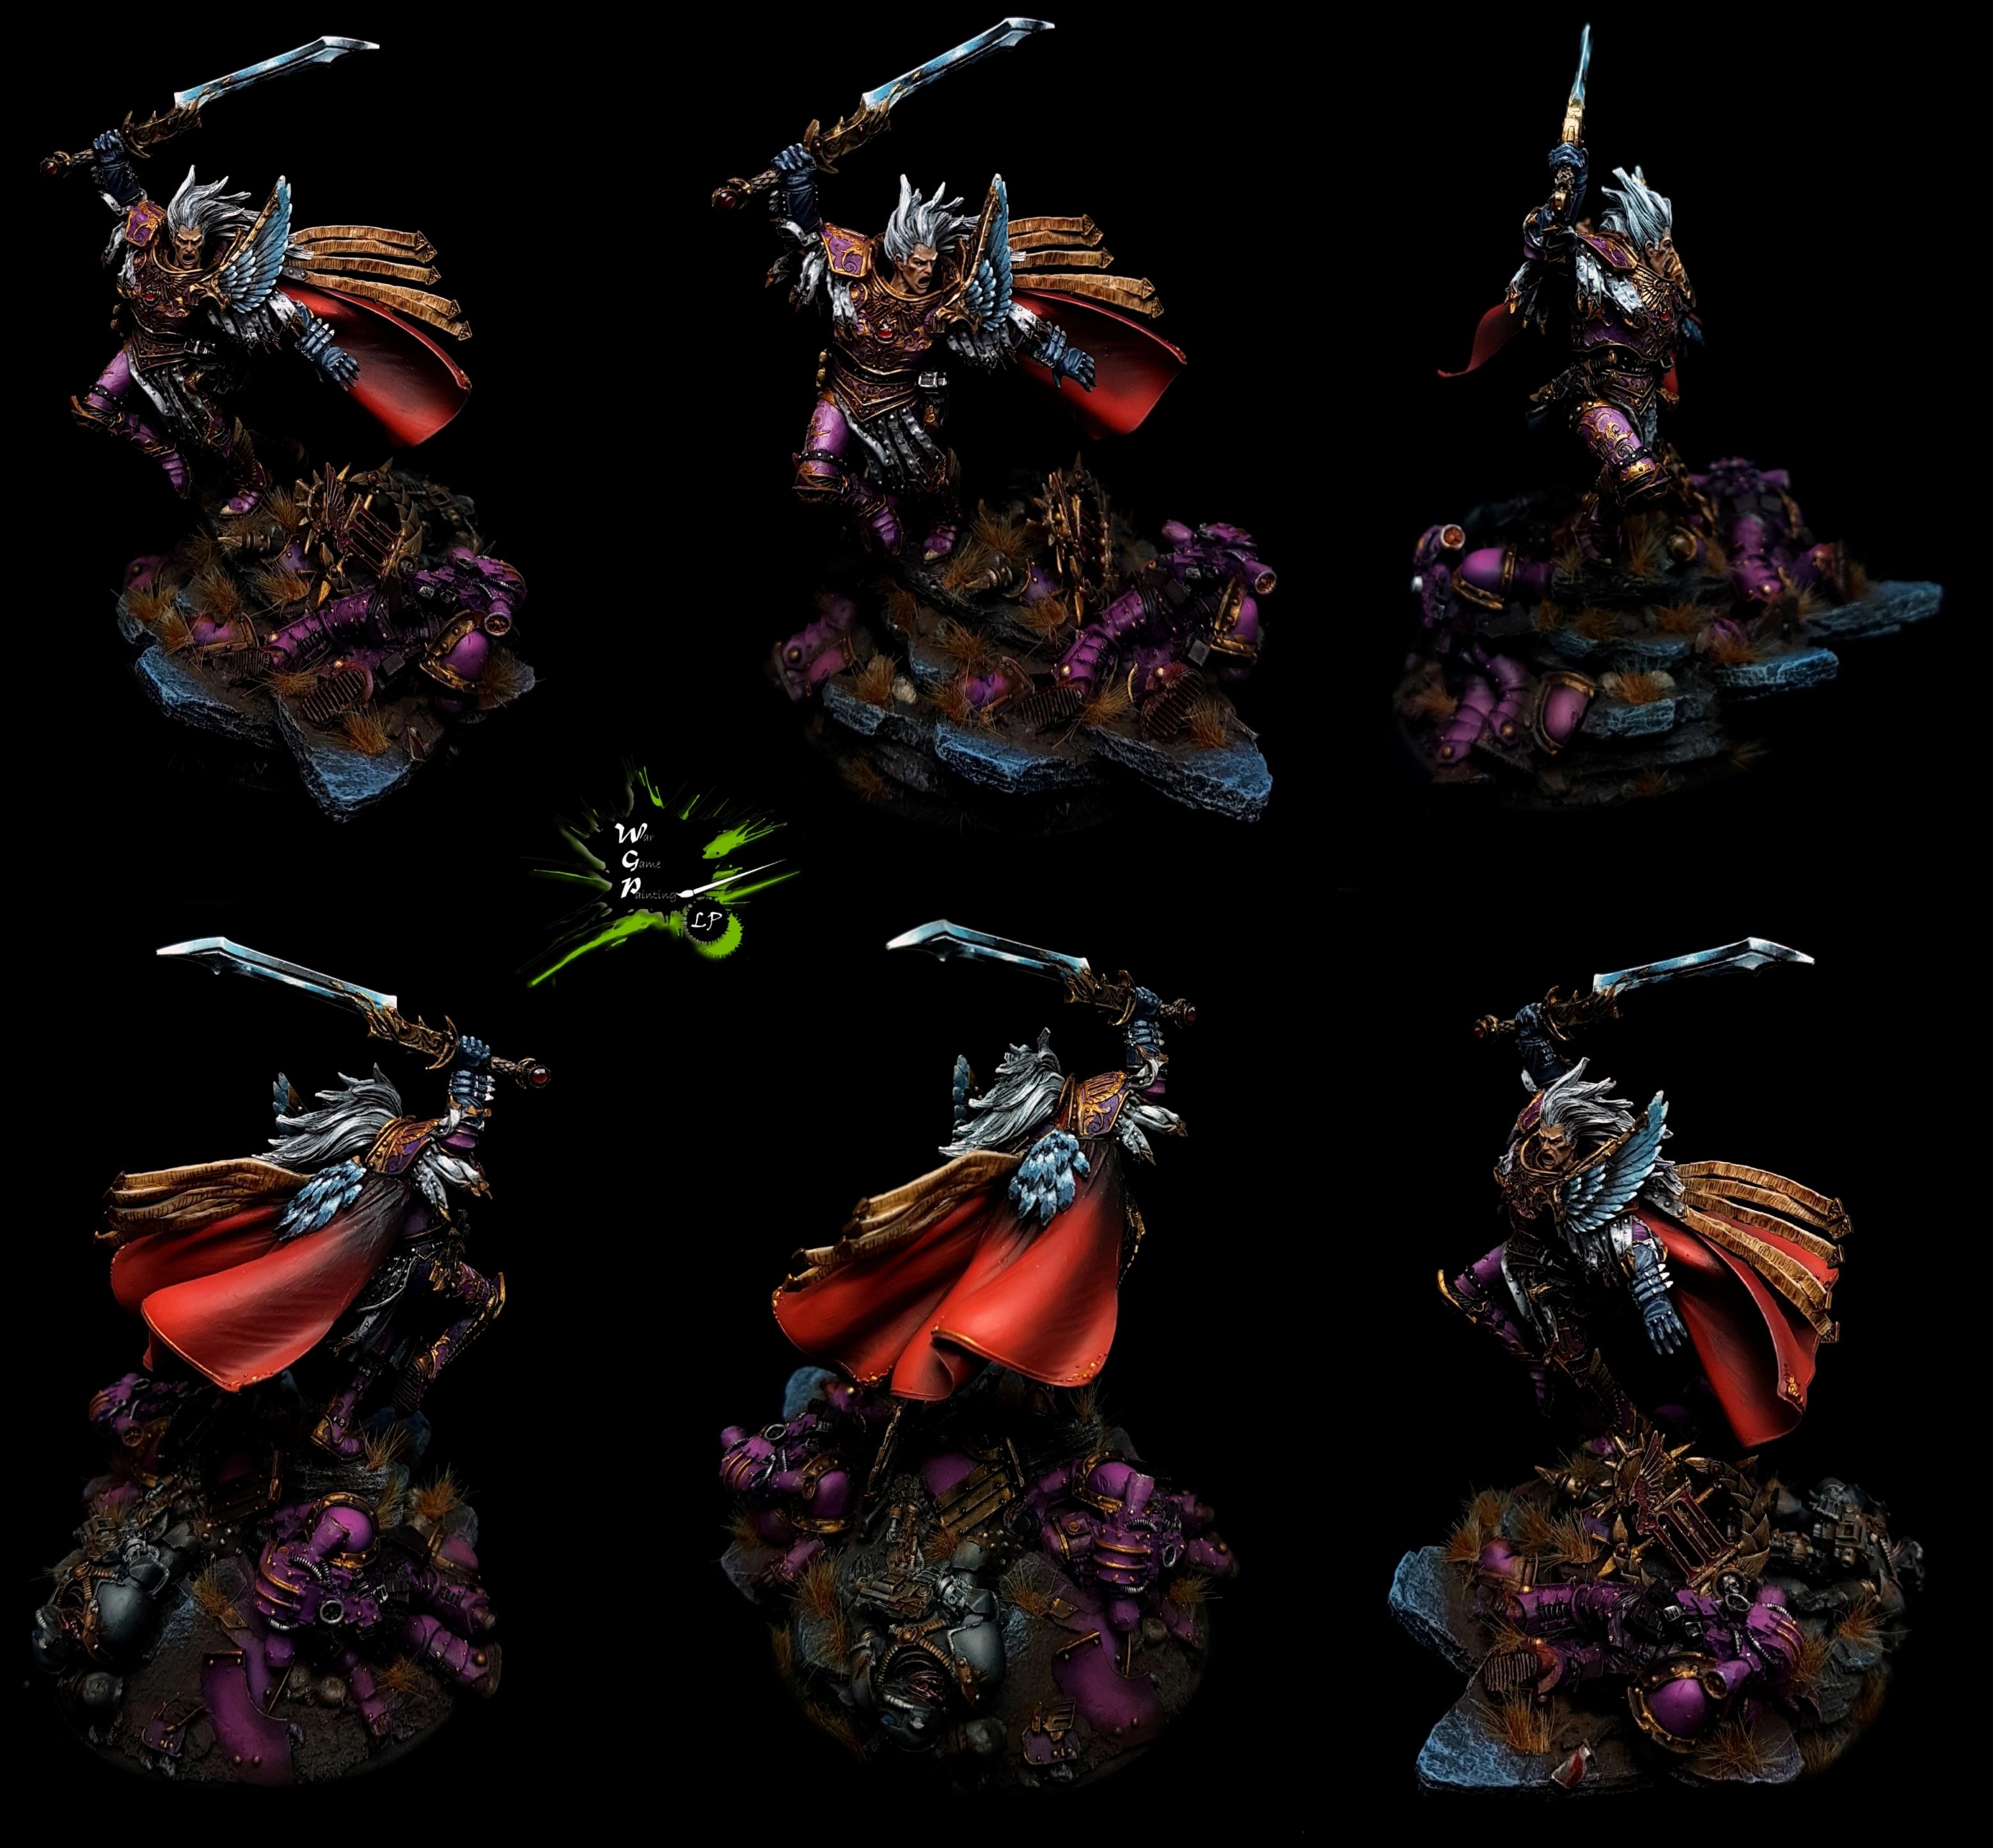 Fulgrim Primarch of the Emperor's Children Warhammer